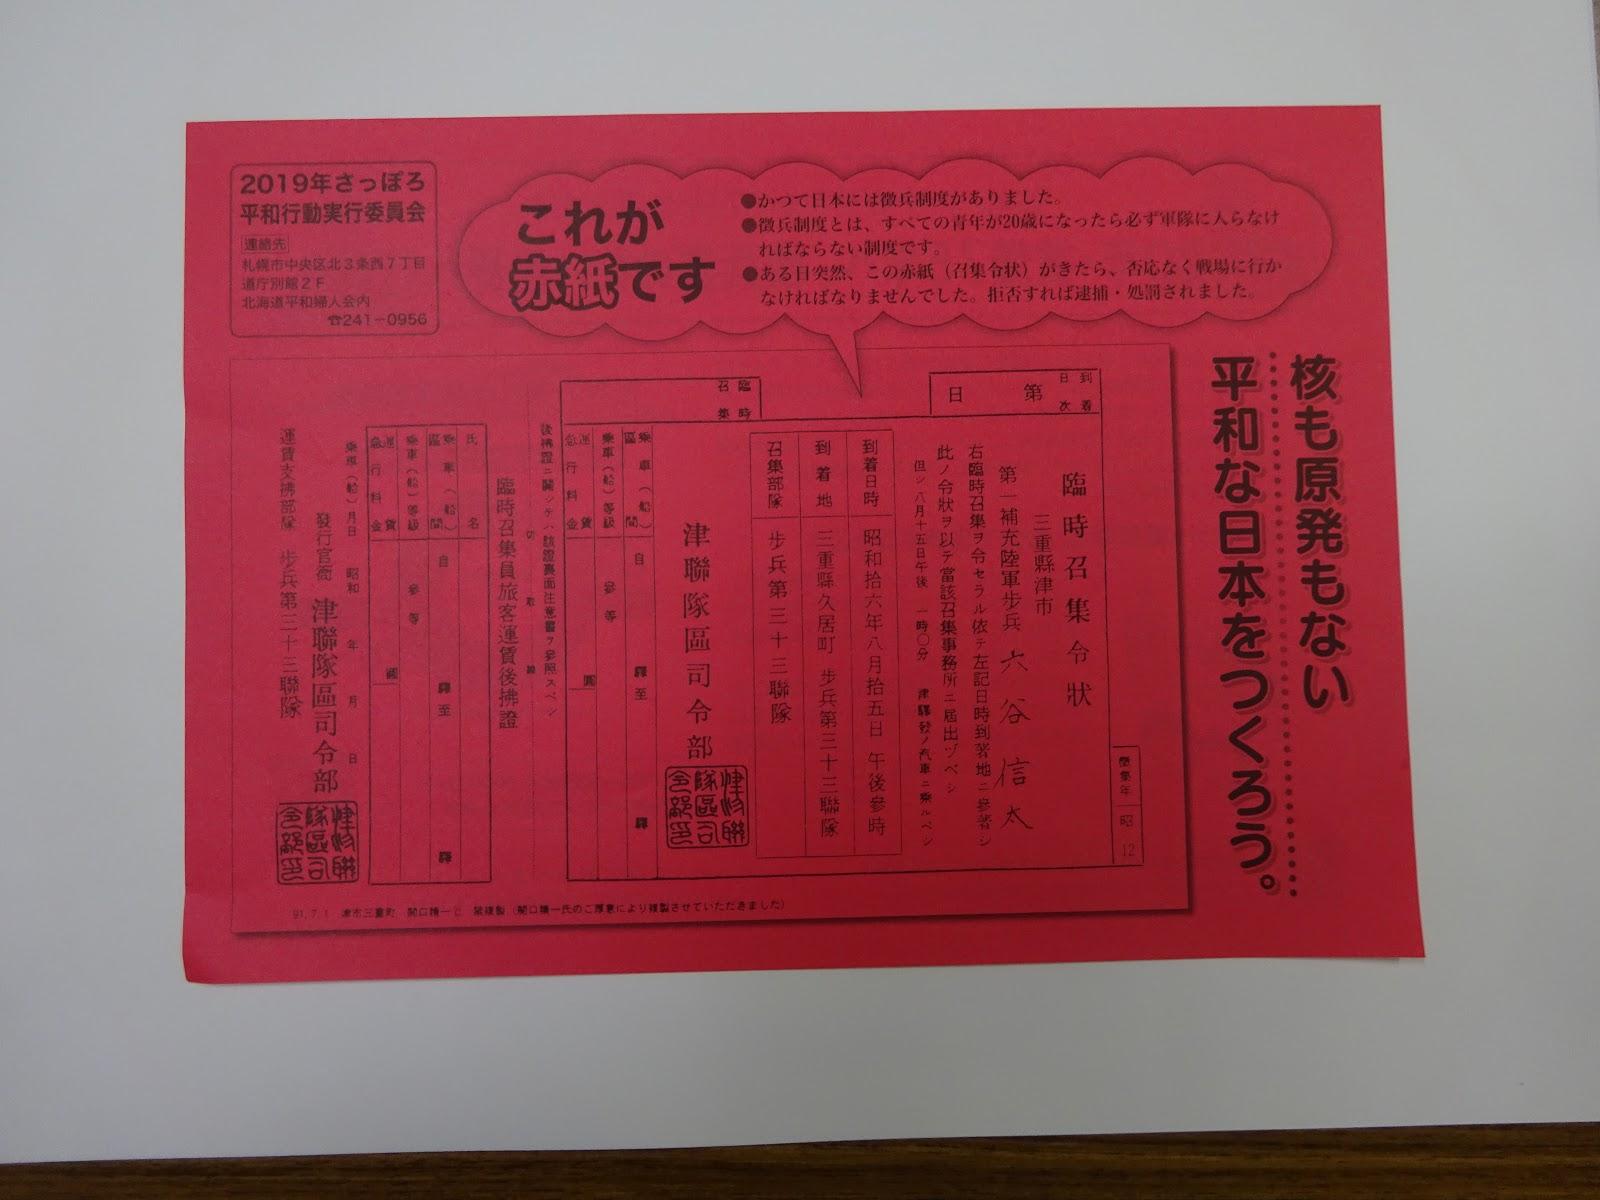 日本中国友好協会札幌支部: さっぽろ平和行動 「赤紙(召集令状)」を ...